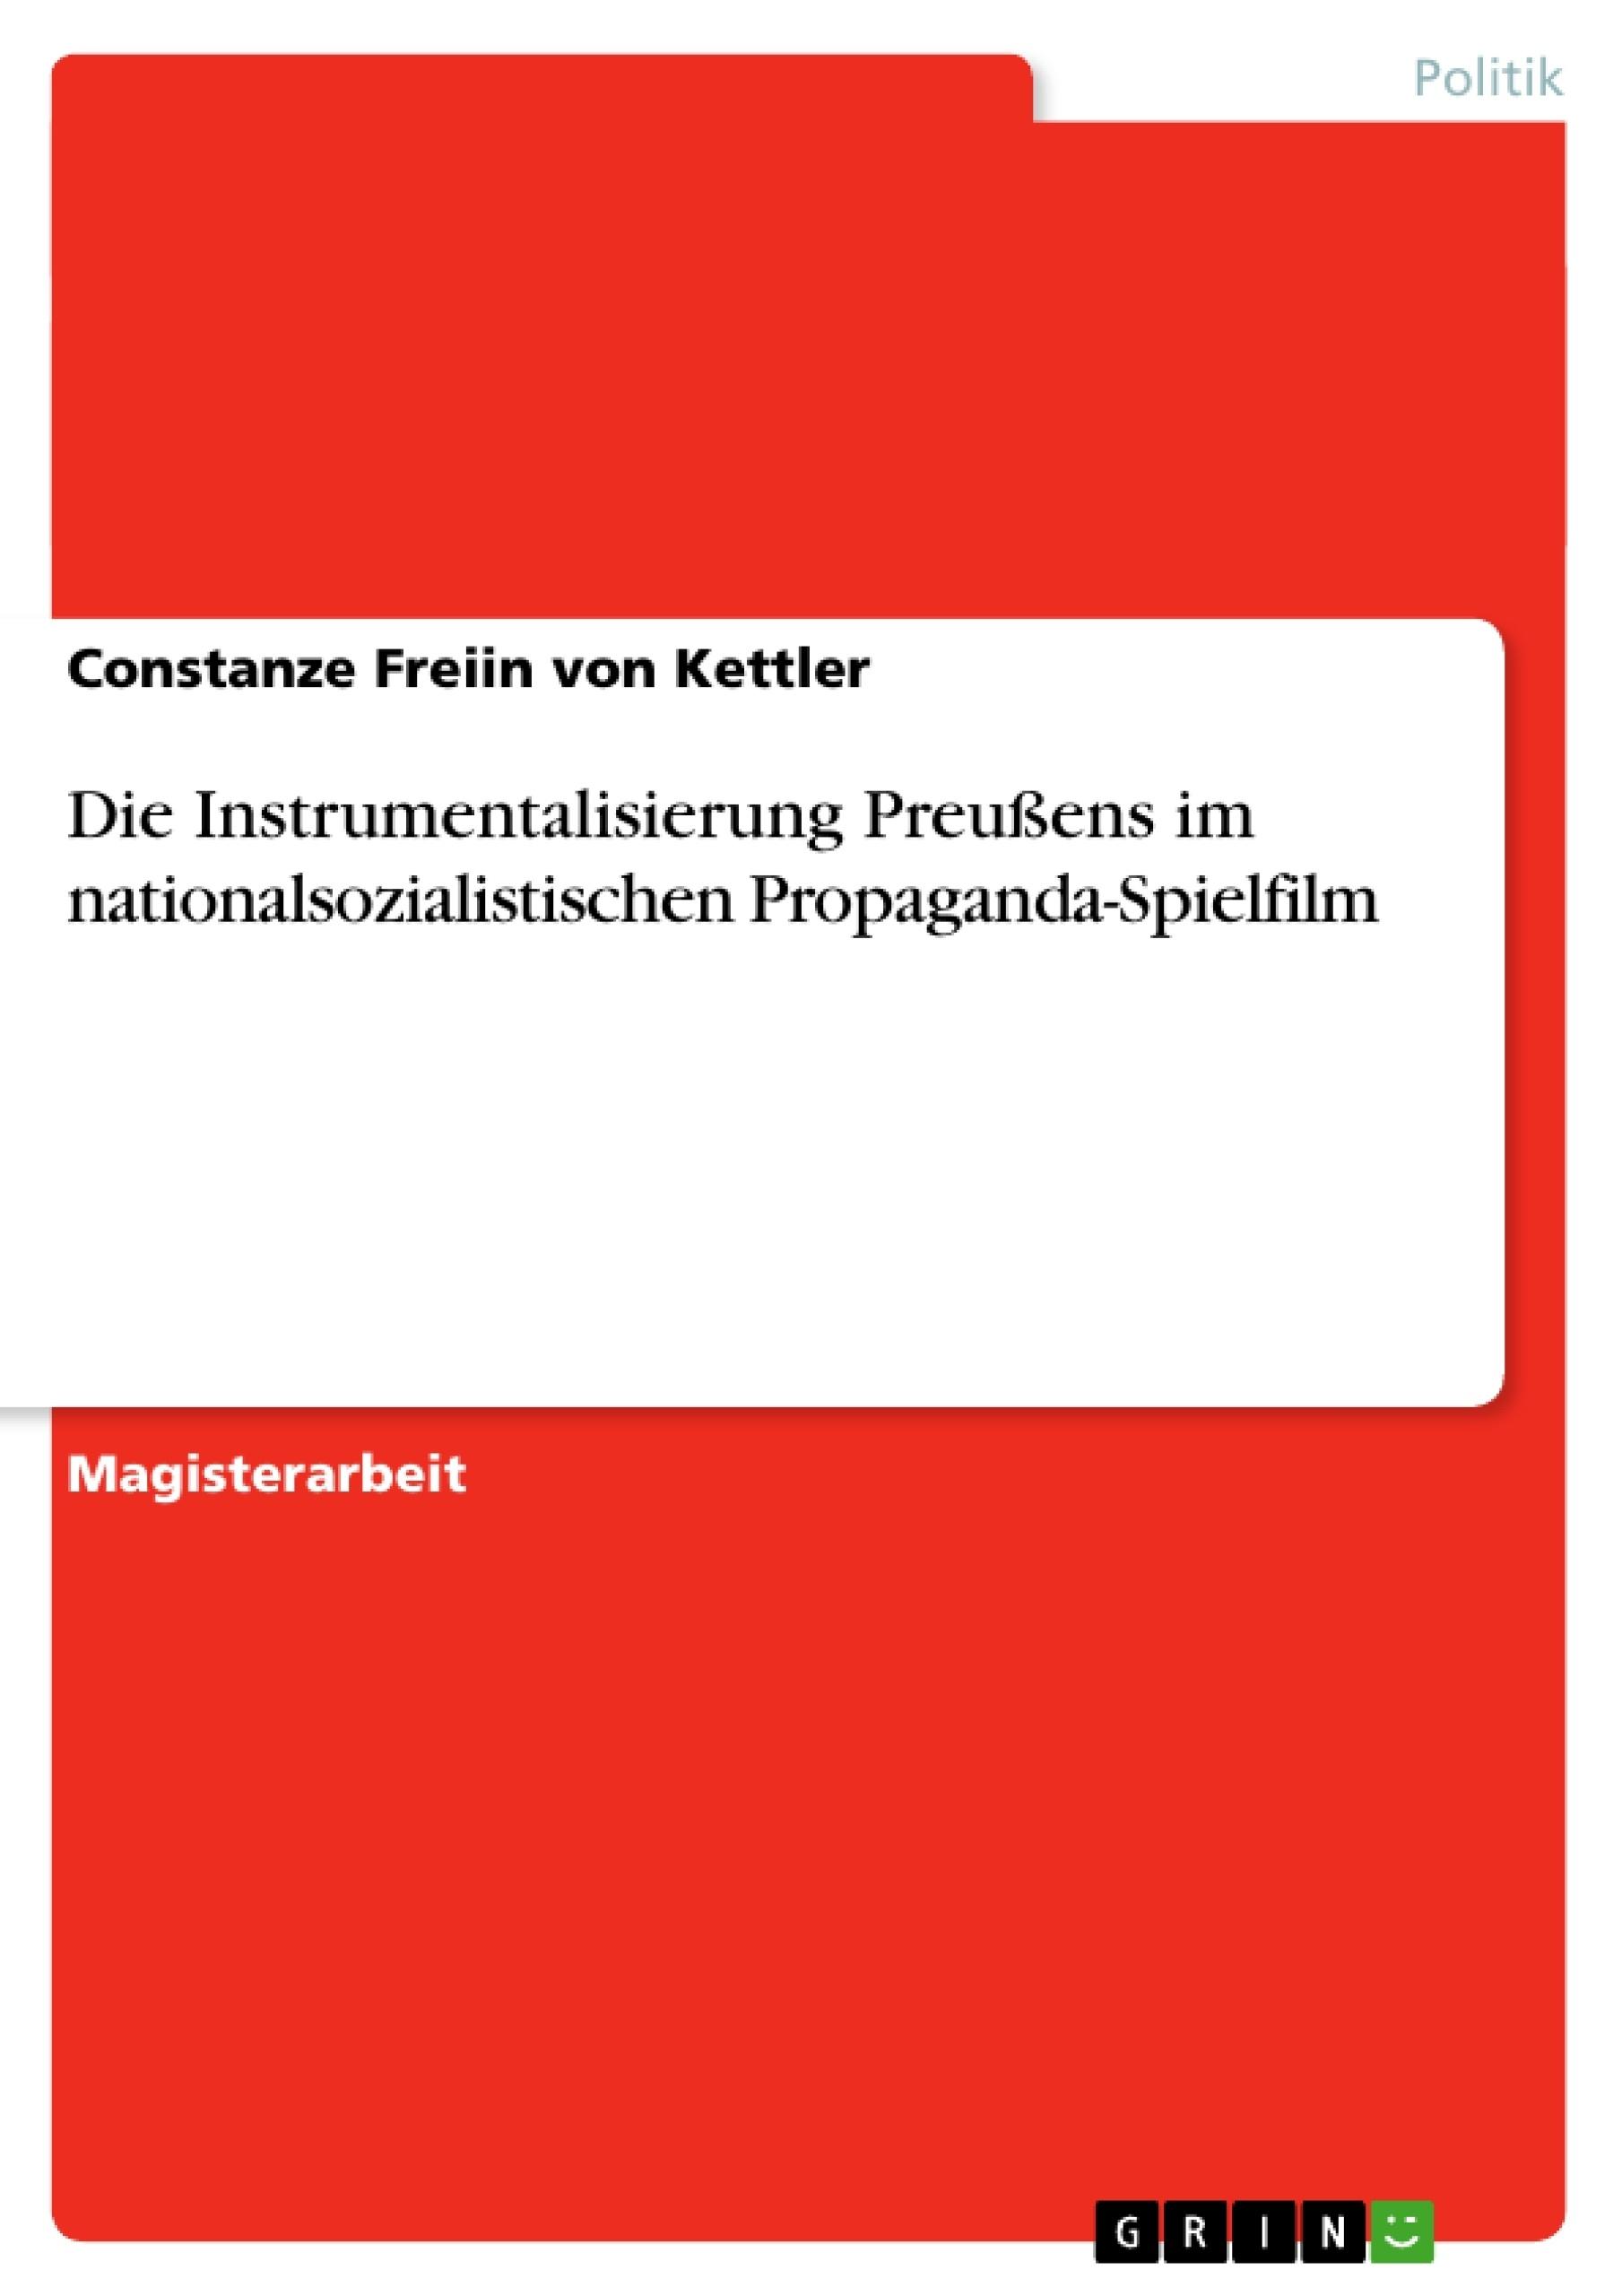 Titel: Die Instrumentalisierung Preußens im nationalsozialistischen Propaganda-Spielfilm